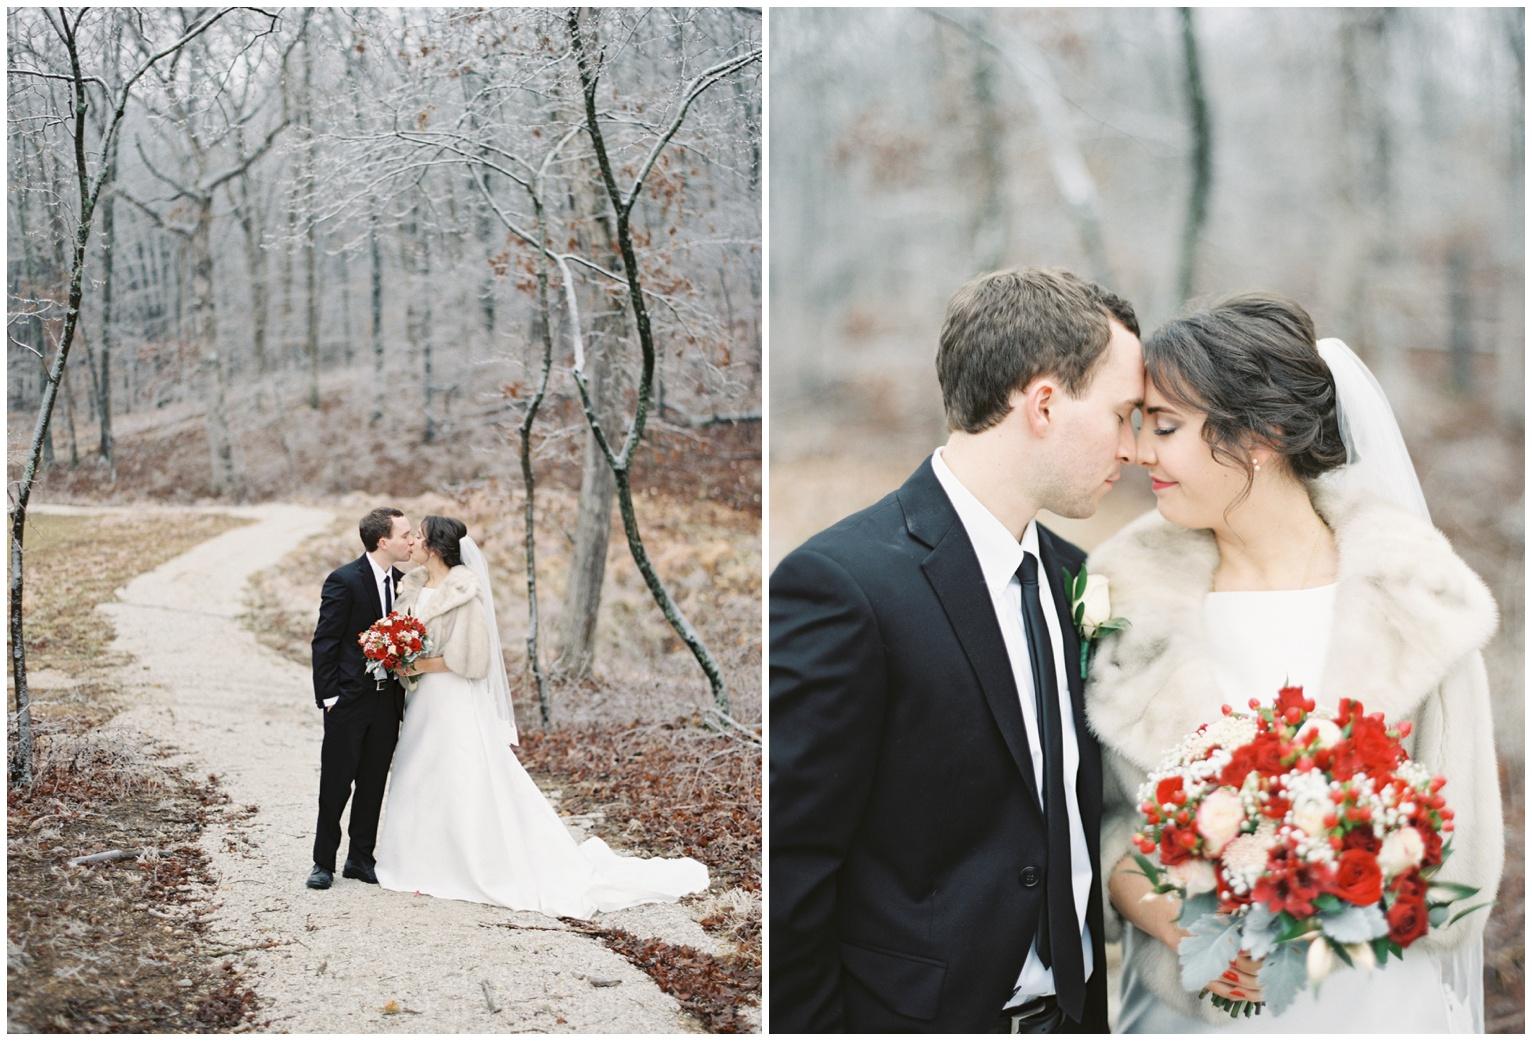 wedding photography st louis_lauren muckler photography_film photographer_film wedding_0016.jpg